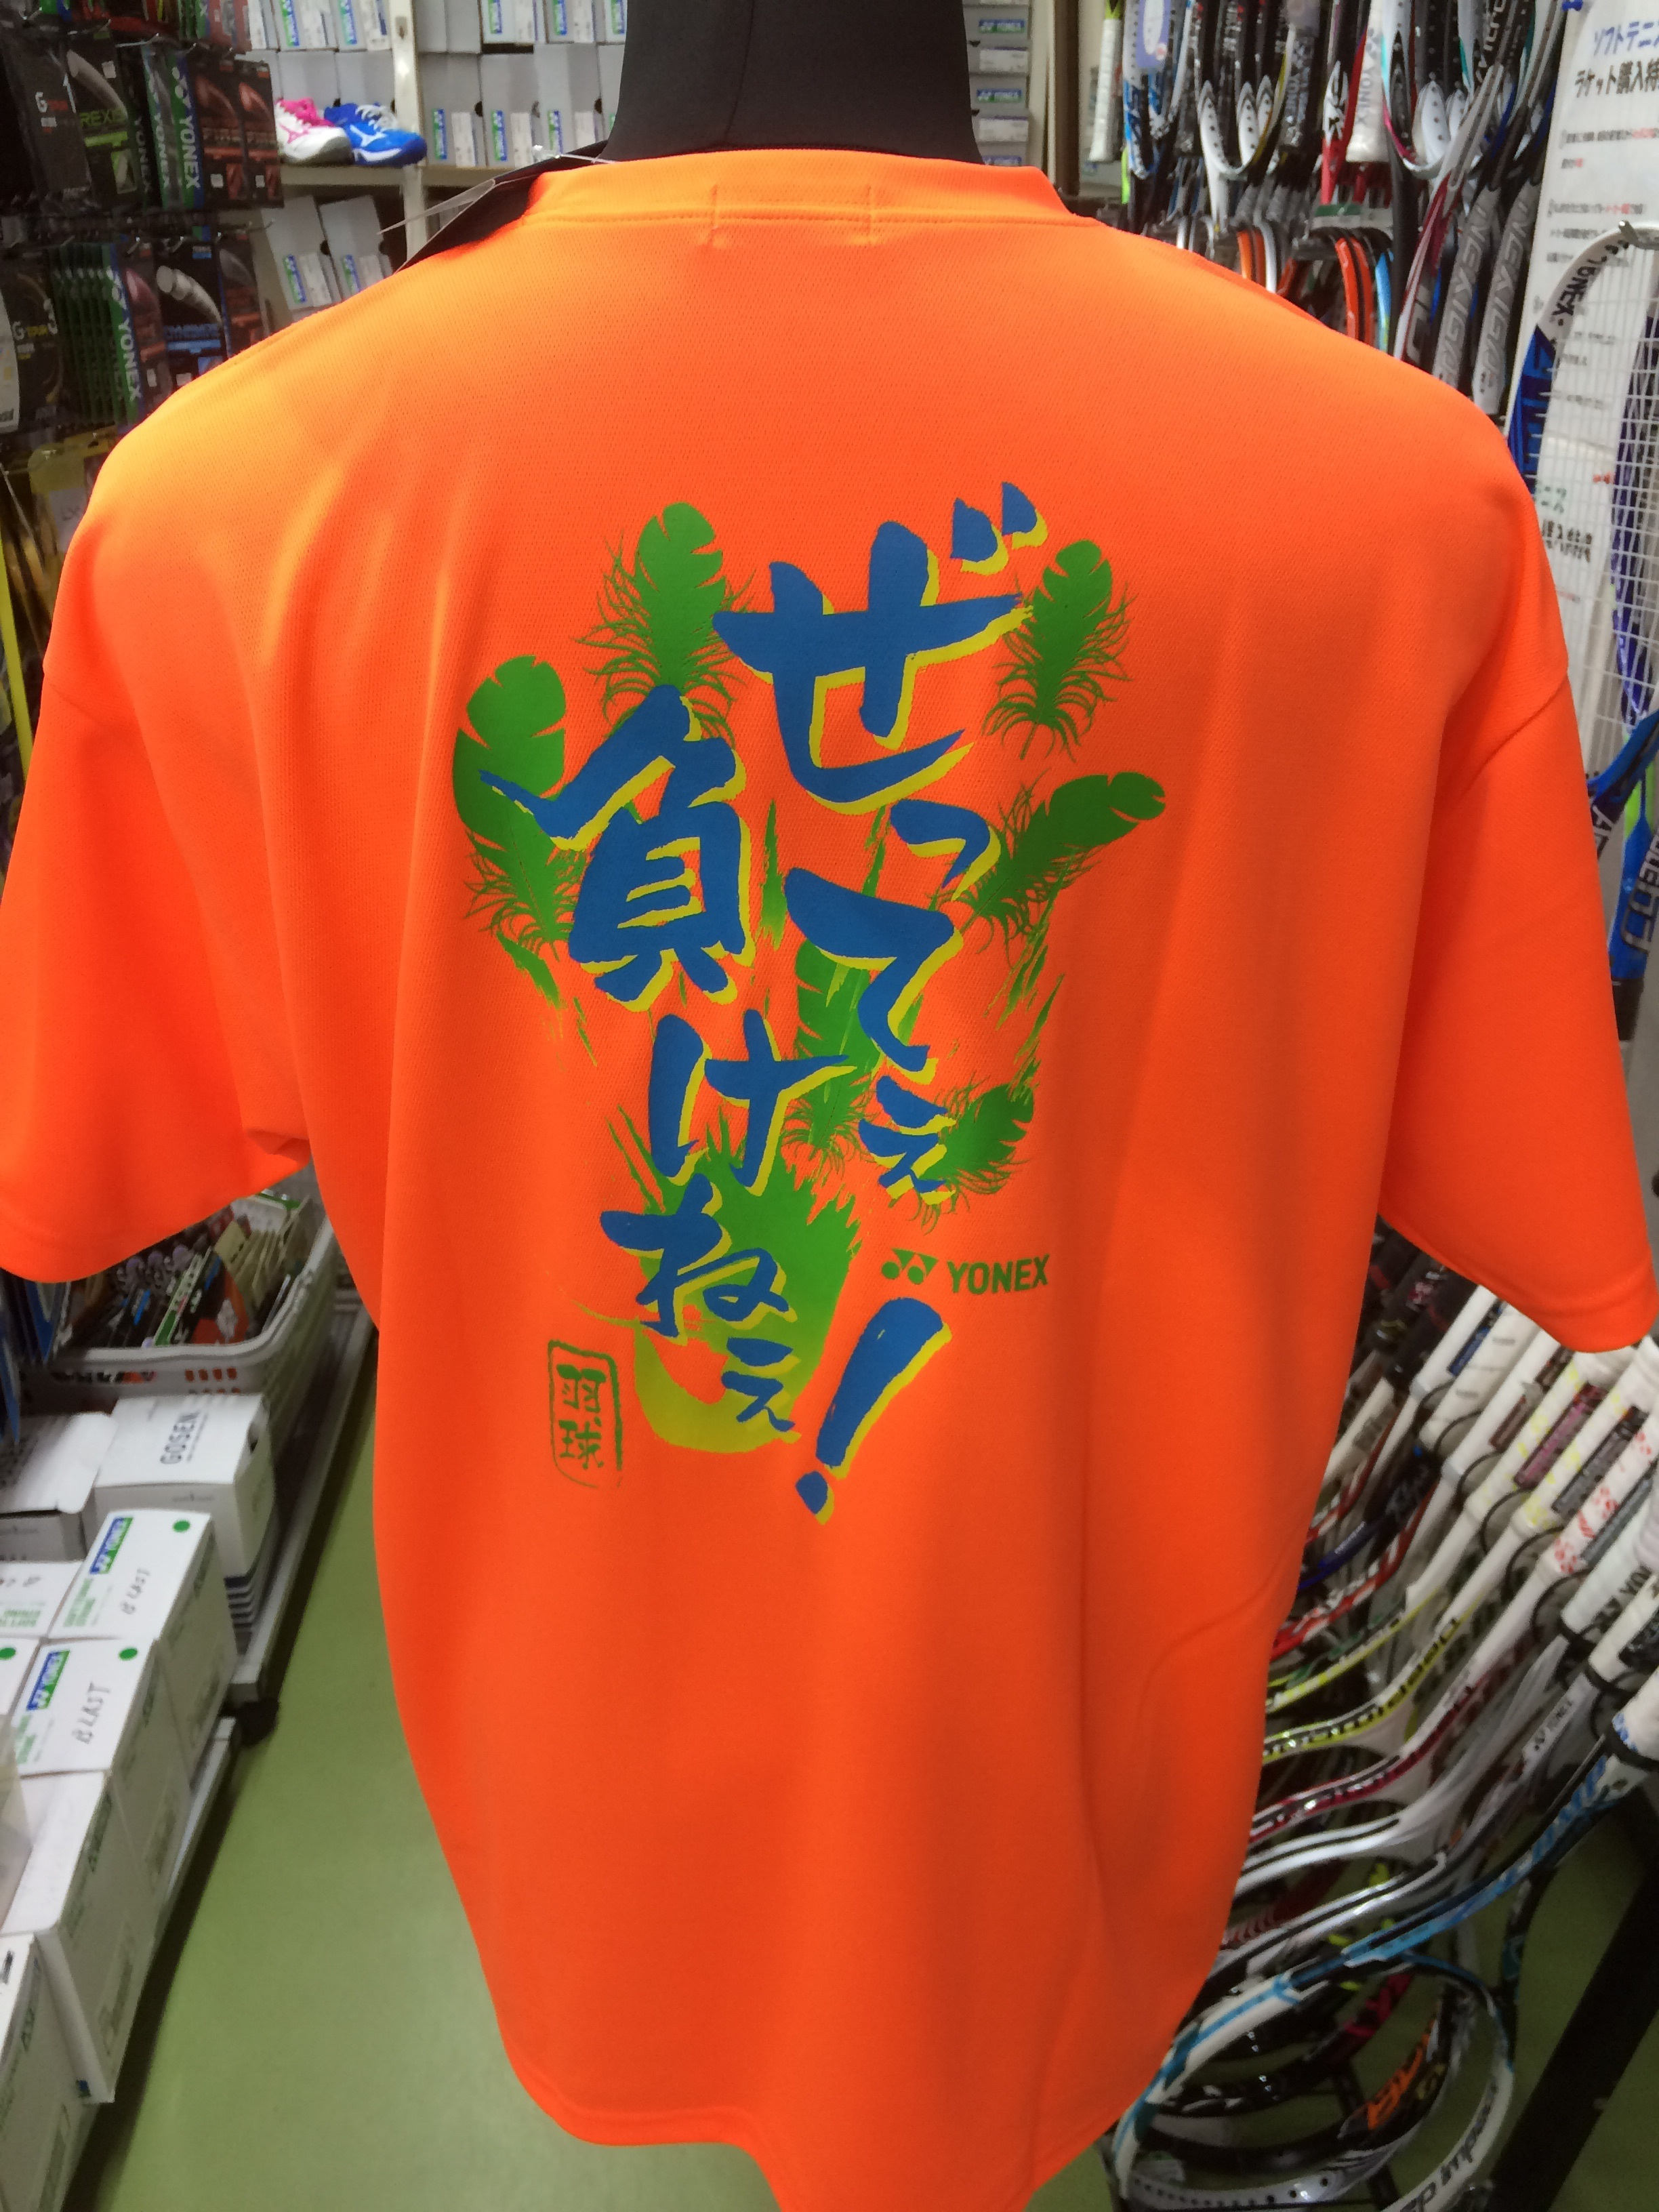 ヨネックス ユニドライTシャツ YOB14003 - 画像5